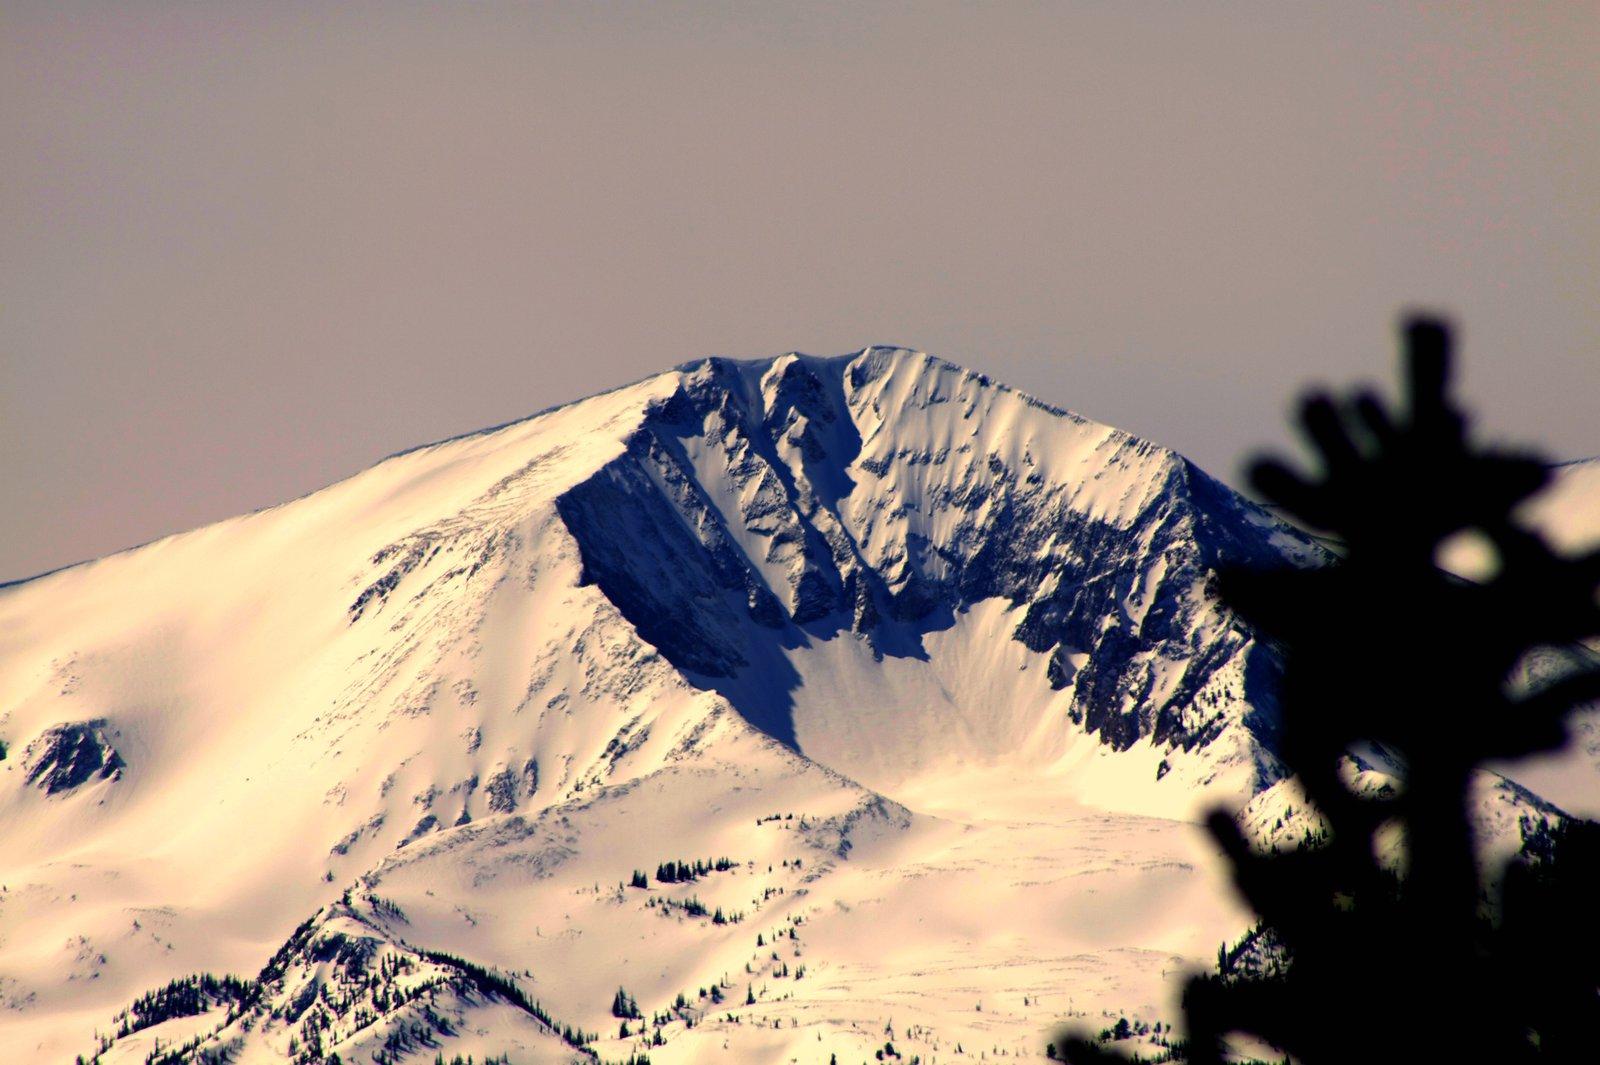 Mt. Sopris again